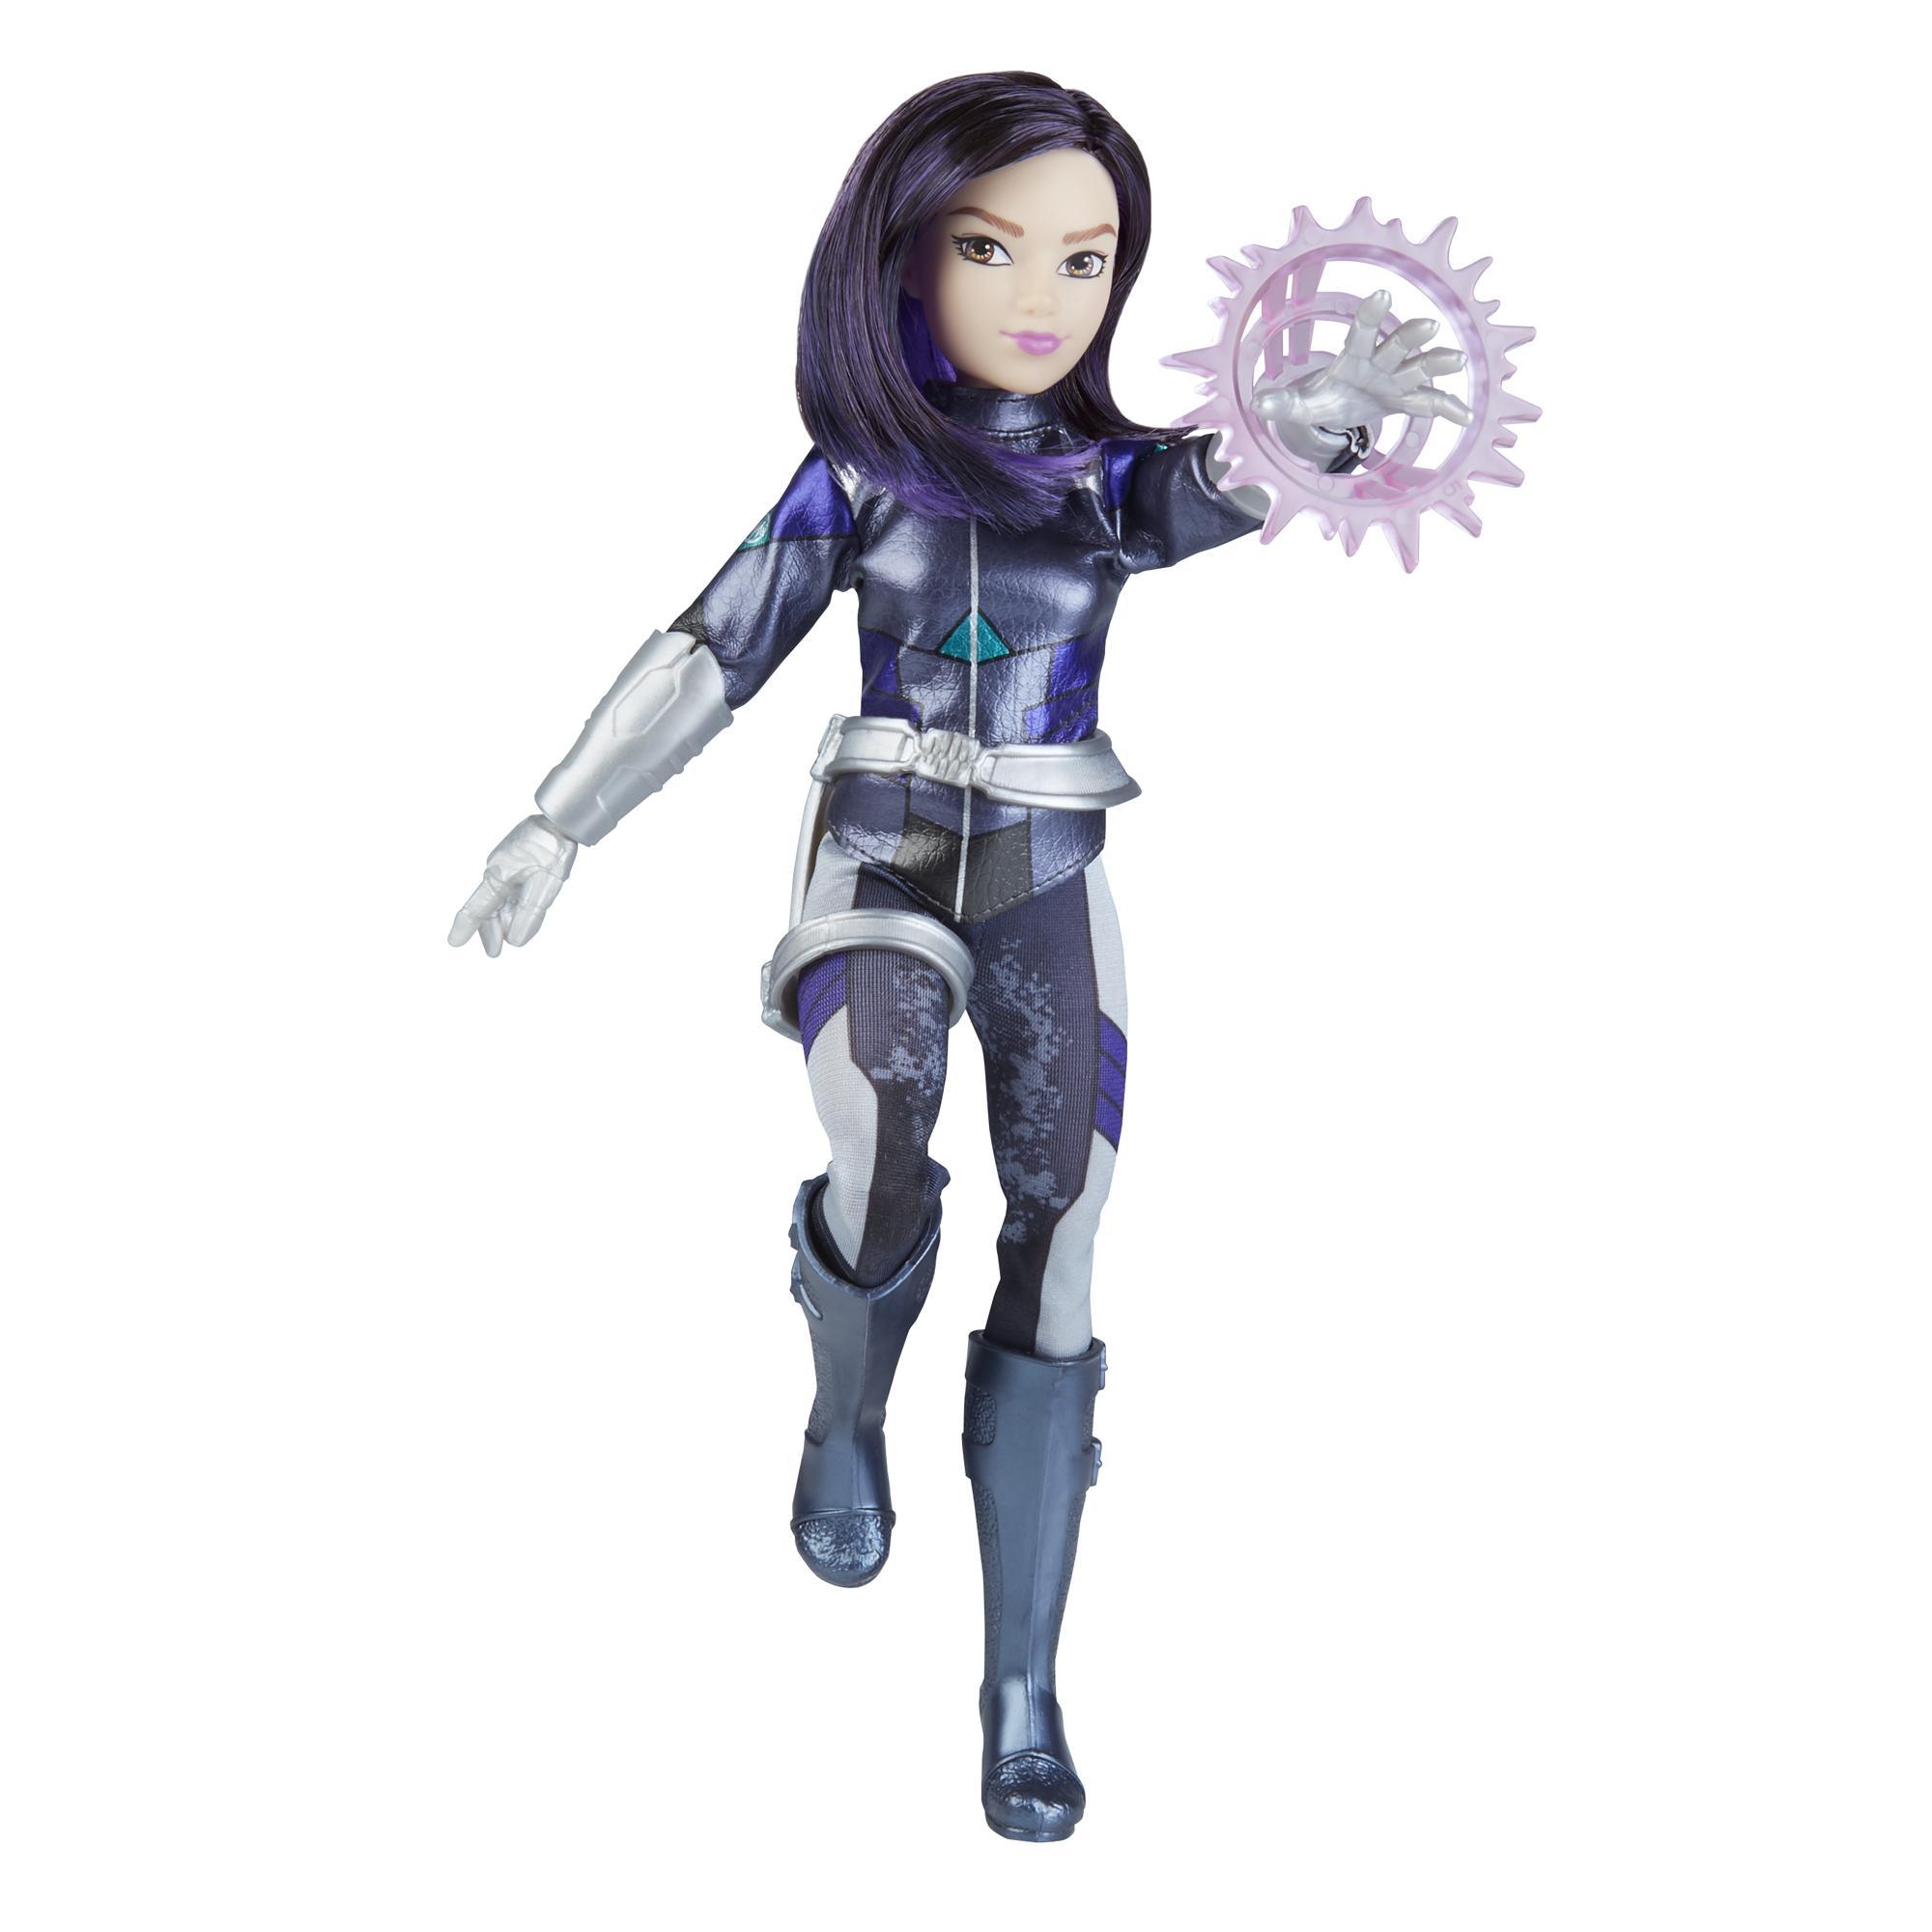 Marvel Rising Secret Warriors Daisy Johnson (Marvel's Quake) Doll